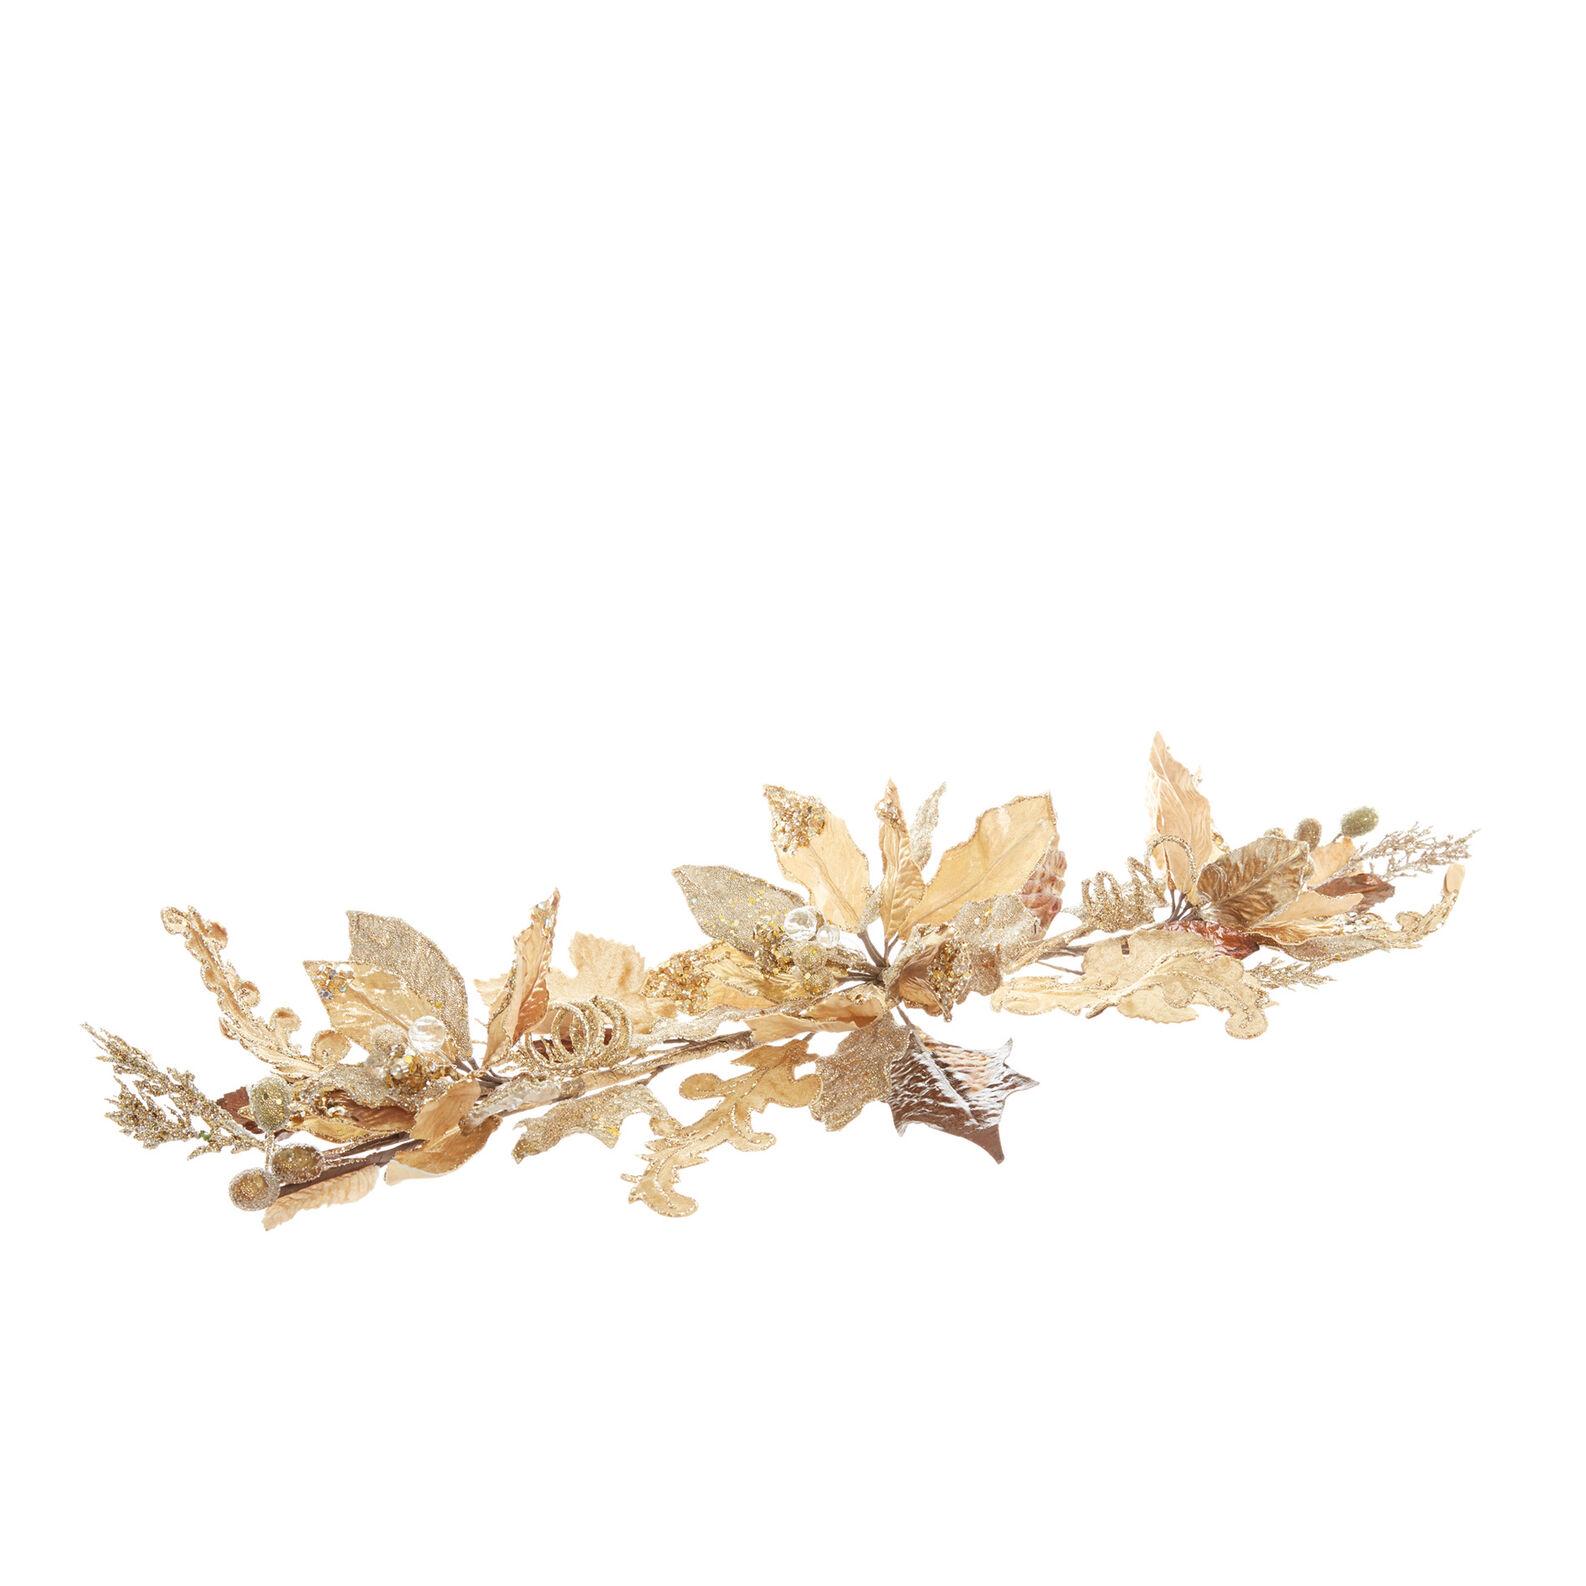 Tralcio fiori di magnolia decorato a mano